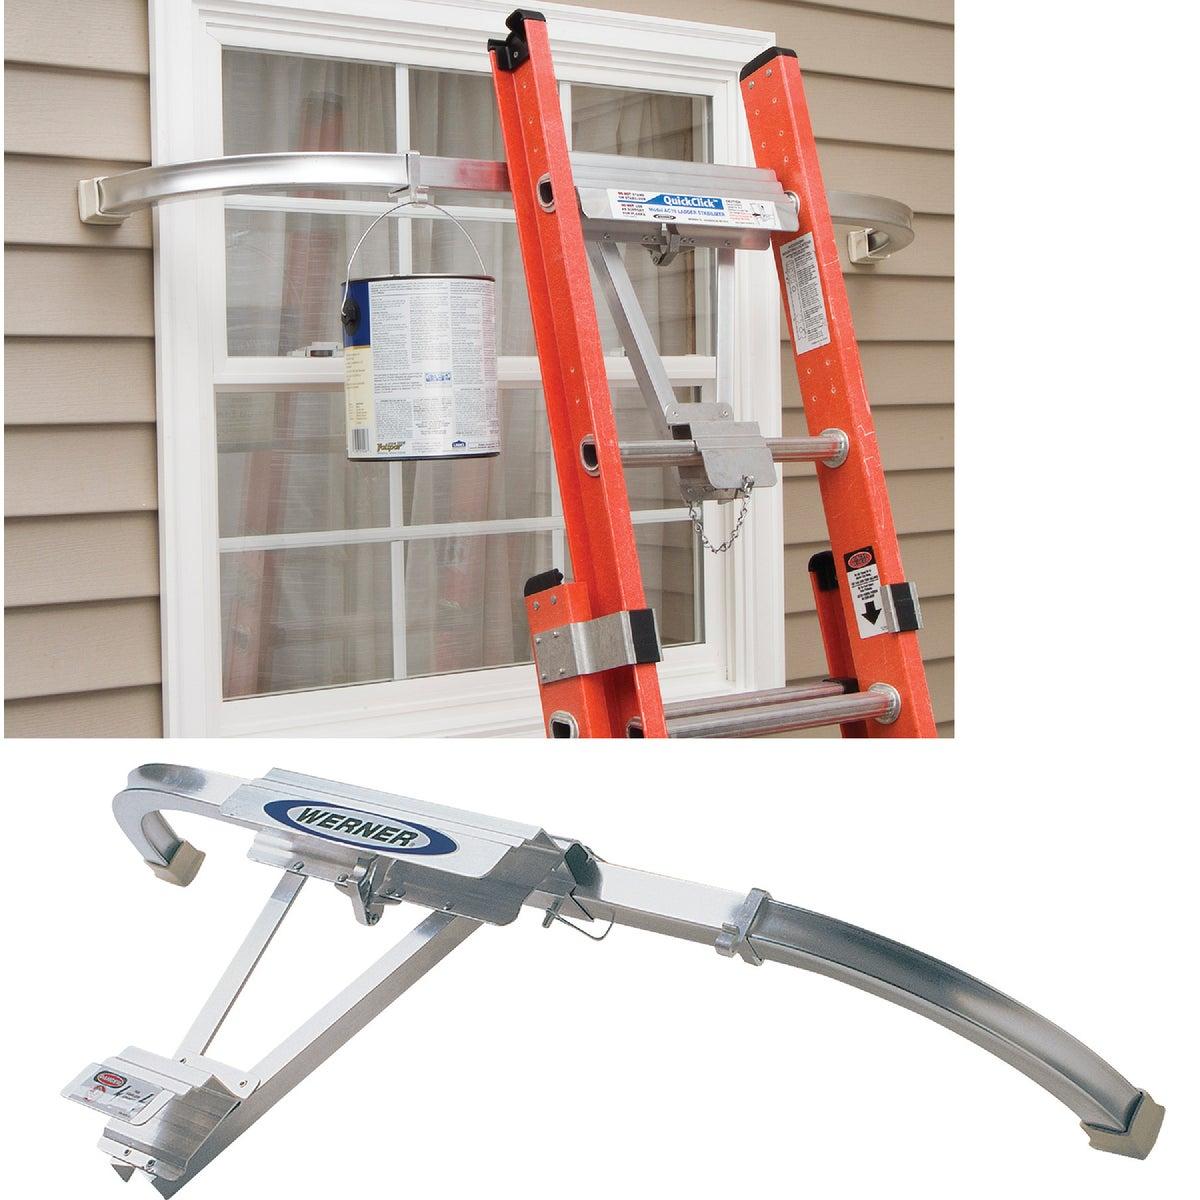 Werner 46 Quot Ladder Stabilizer Ebay